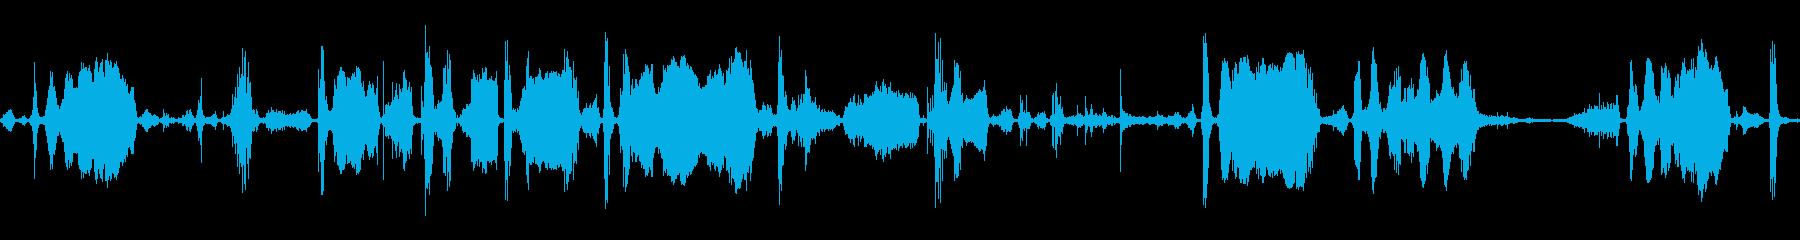 ハイエナ喘息のうなり声の再生済みの波形